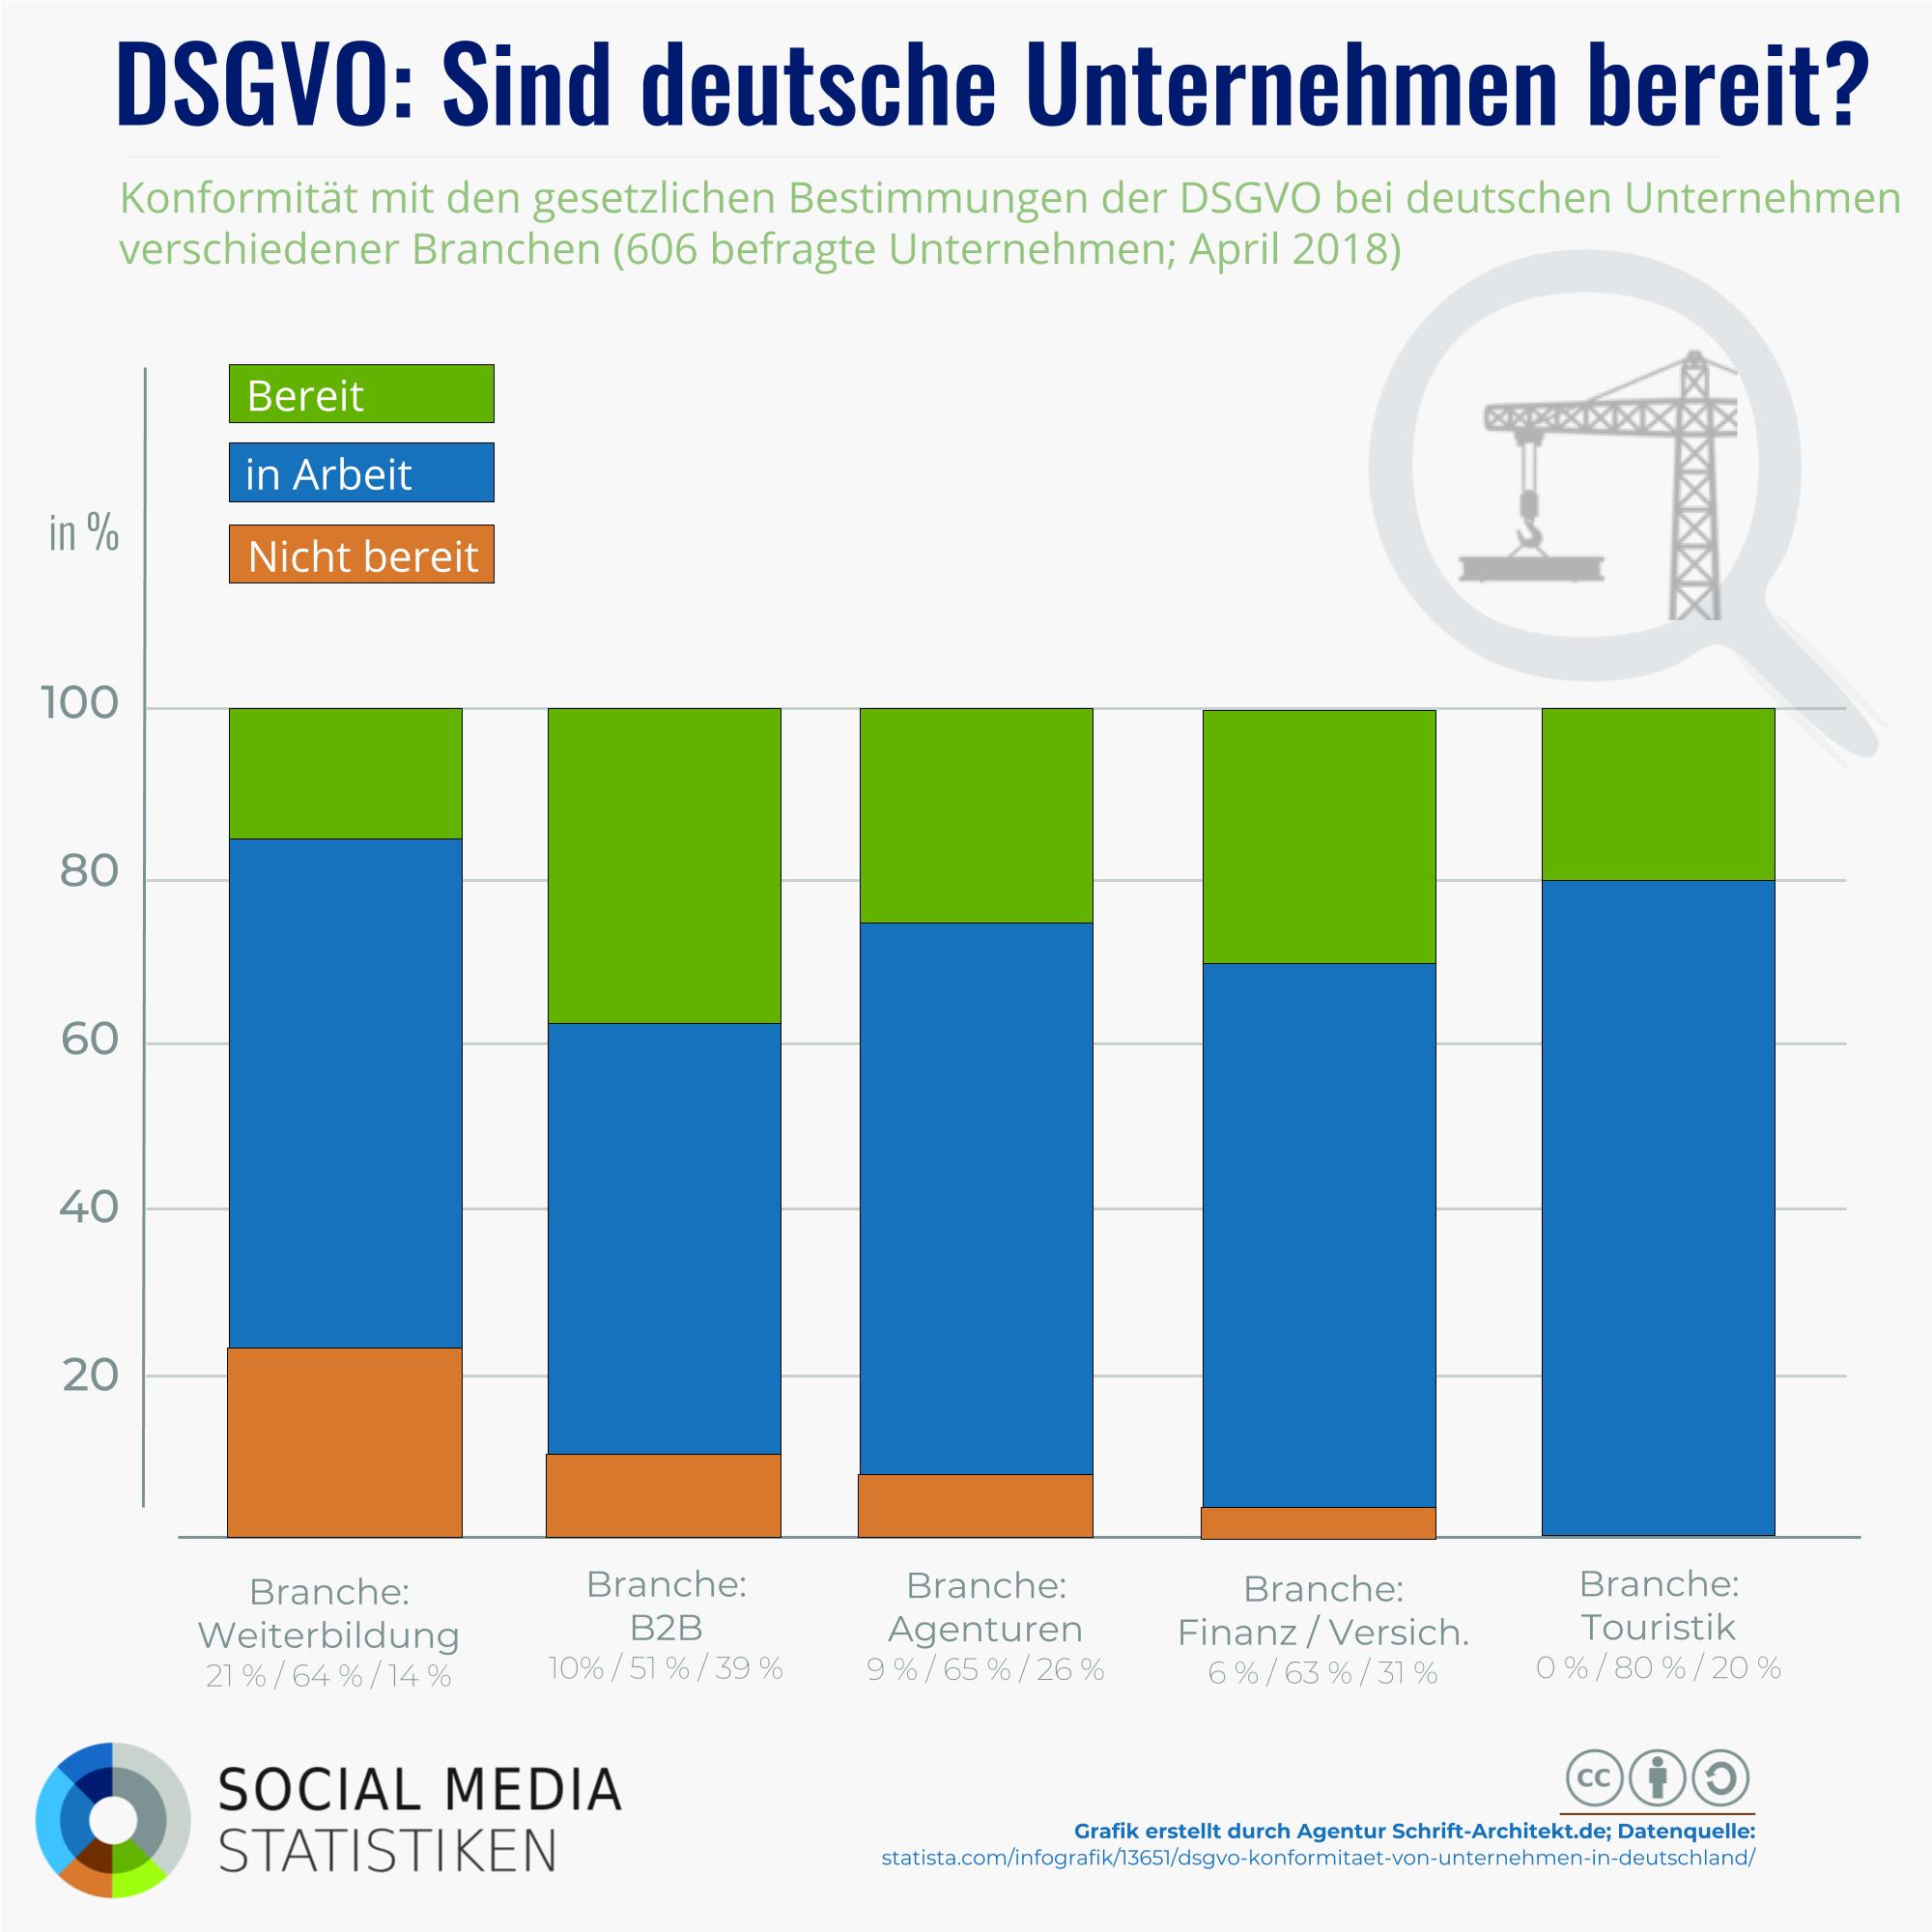 Mehr als die Hälfte ist unsicher beim Recht: Woran scheitert die DSGVO in Deutschland? (+ Podcast)